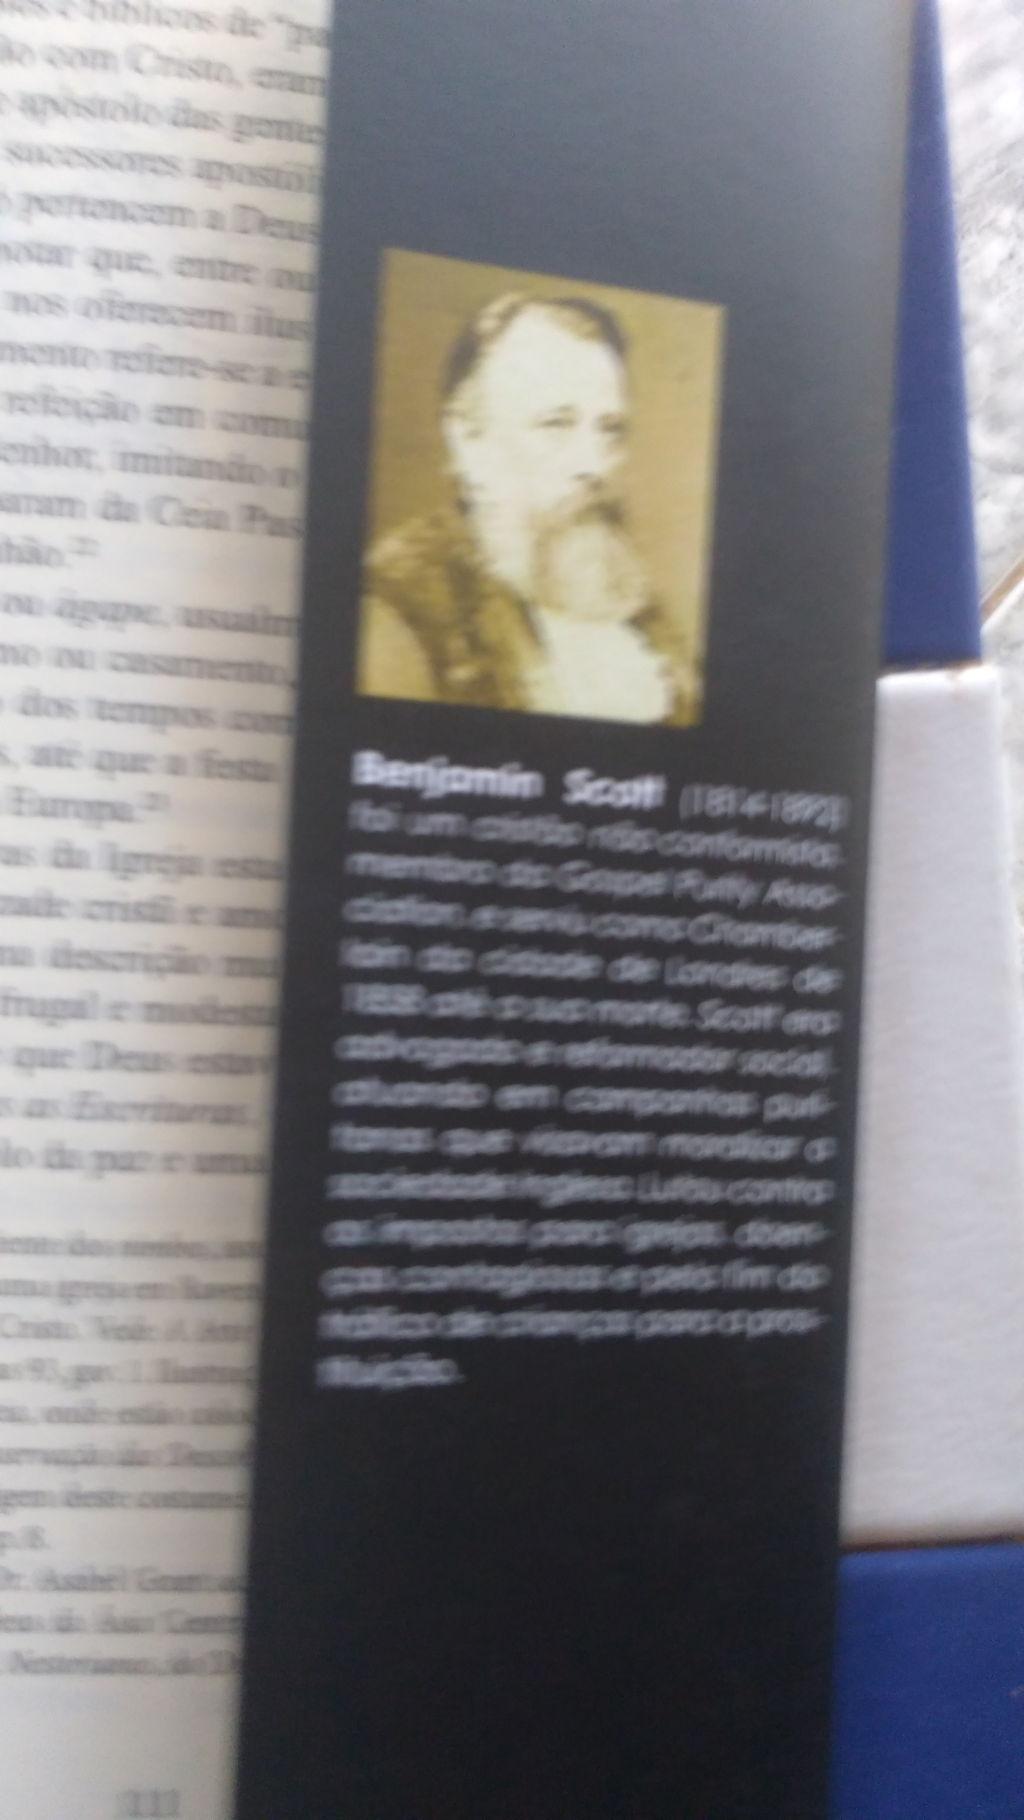 BAIXAR ROMA AS CATACUMBAS LIVRO DE